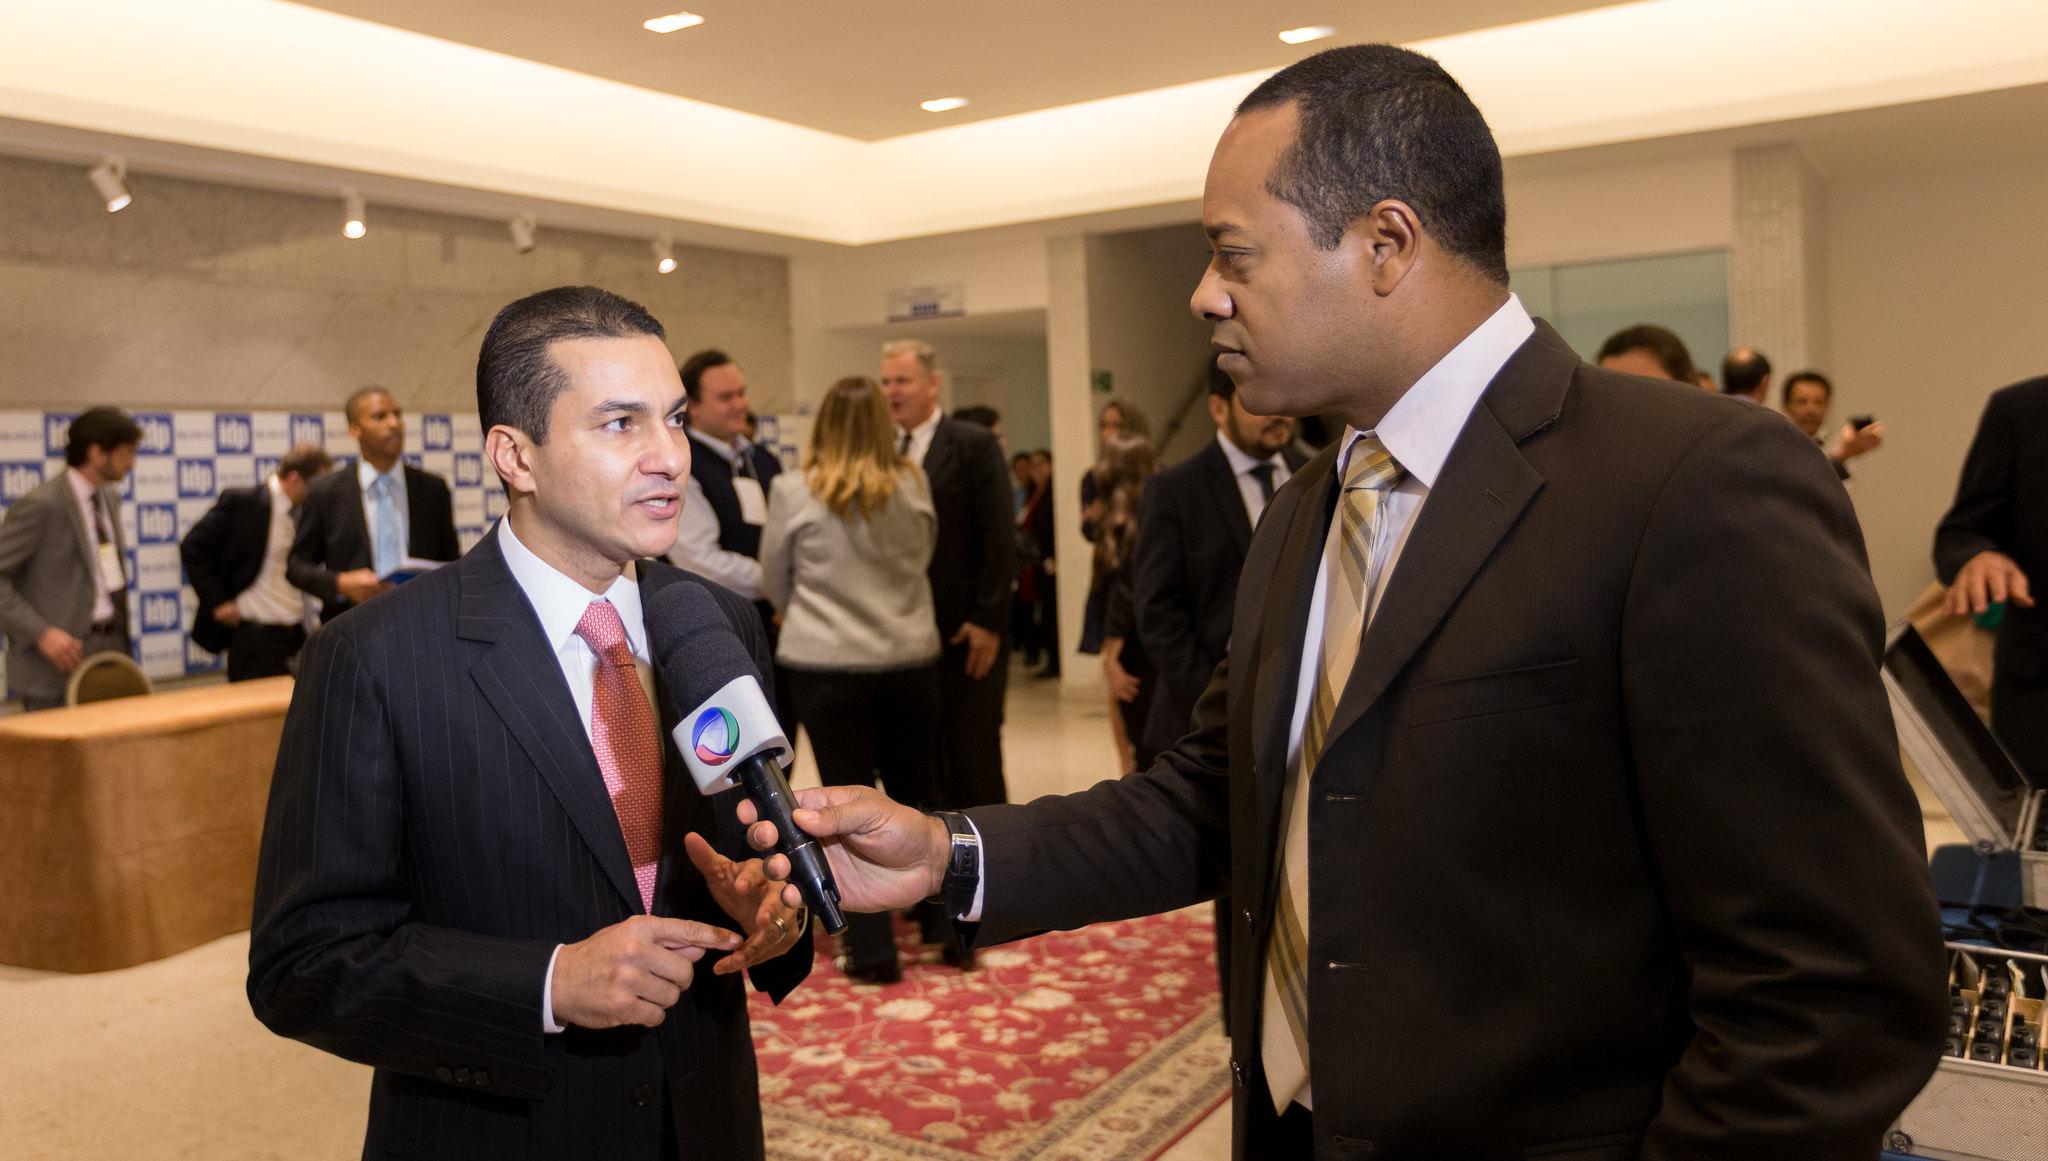 Ministro proferiu palestra no 6º Seminário Internacional de Direito Administrativo e Administração Pública do Instituto Brasiliense de Direito Público (IDP)